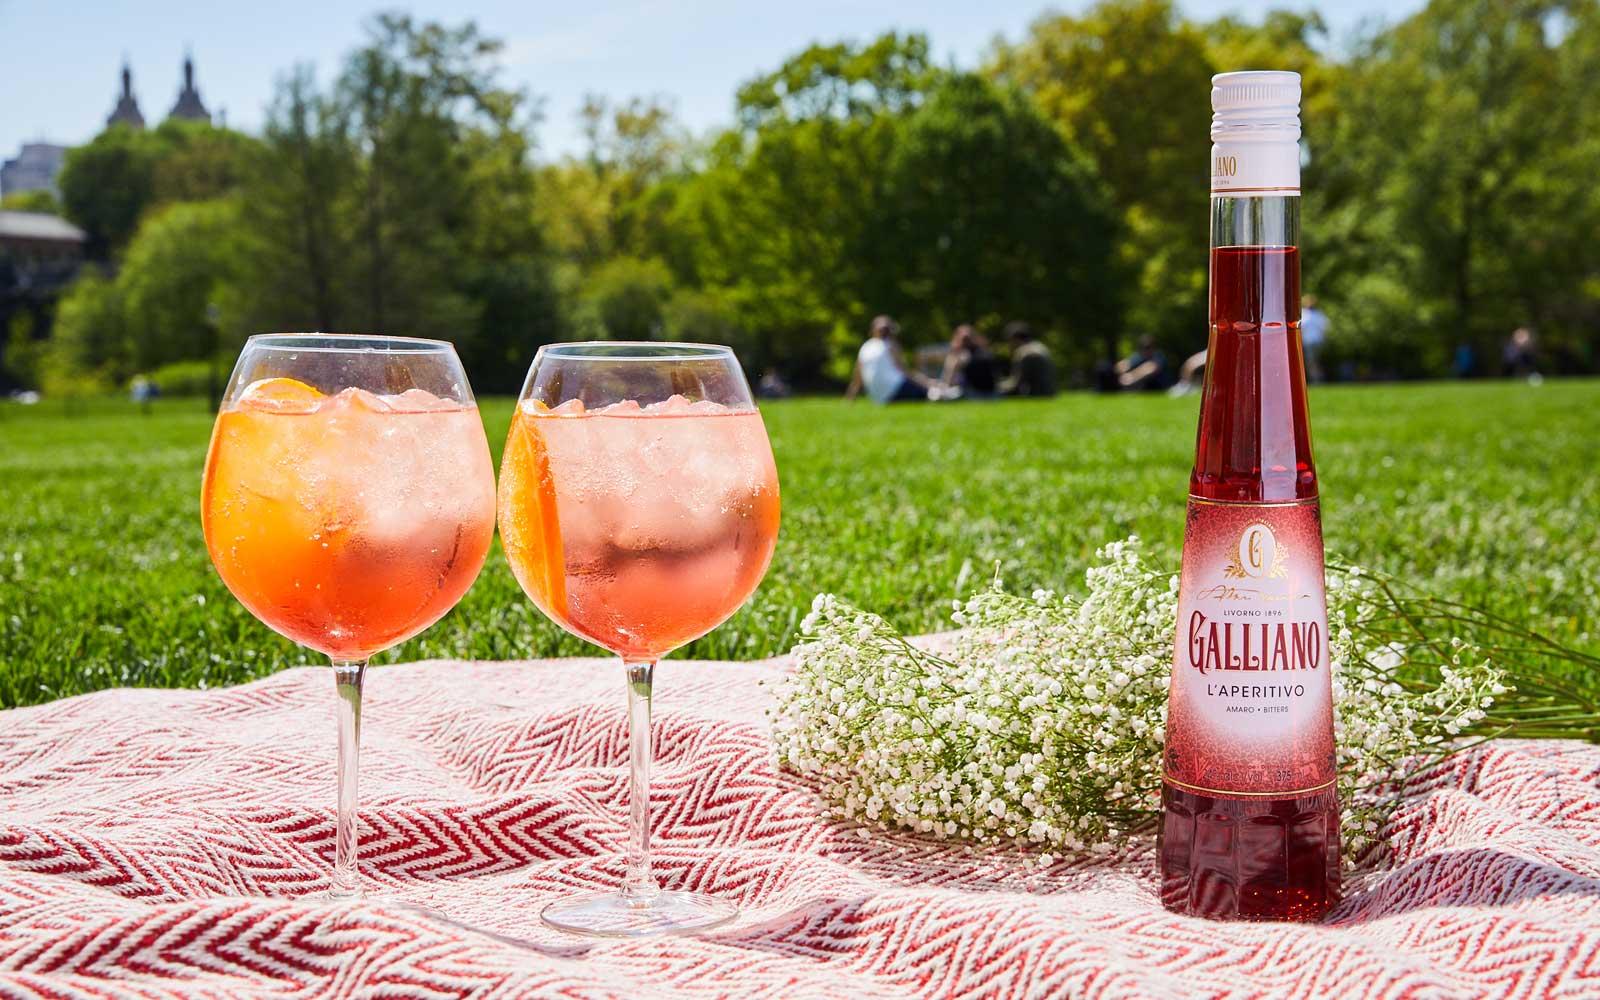 galliano-1